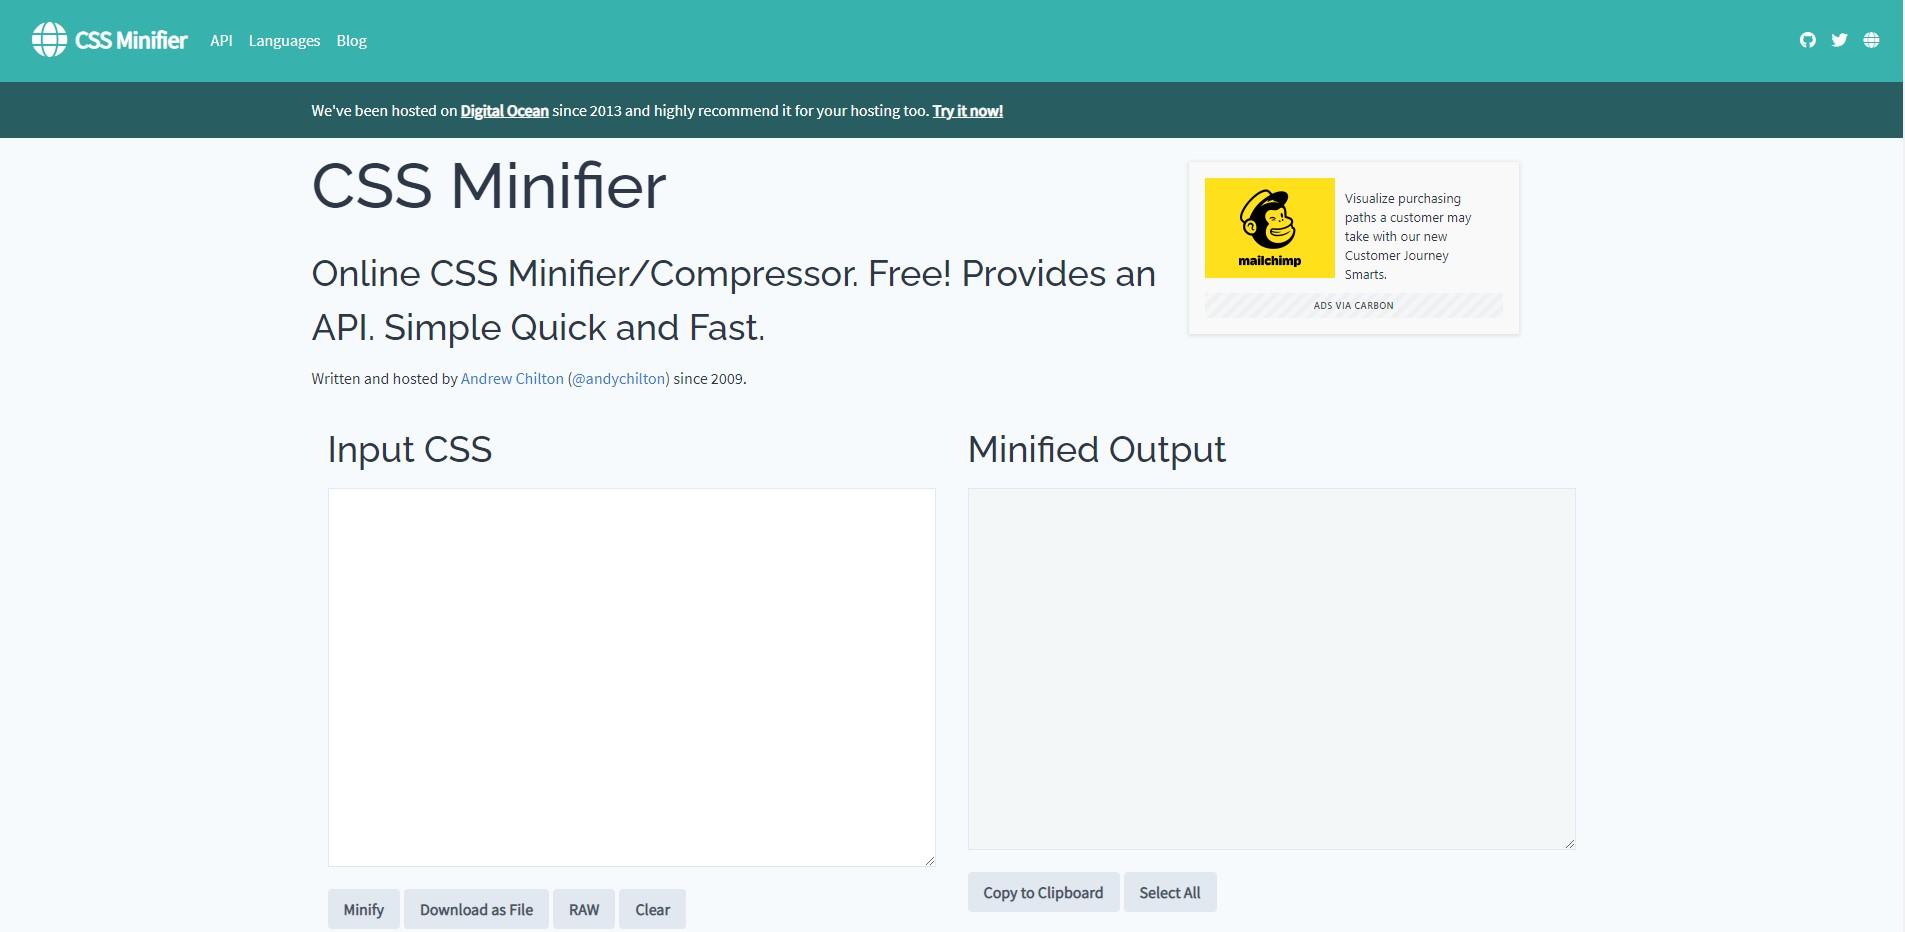 Screenshot of CSS Minifier